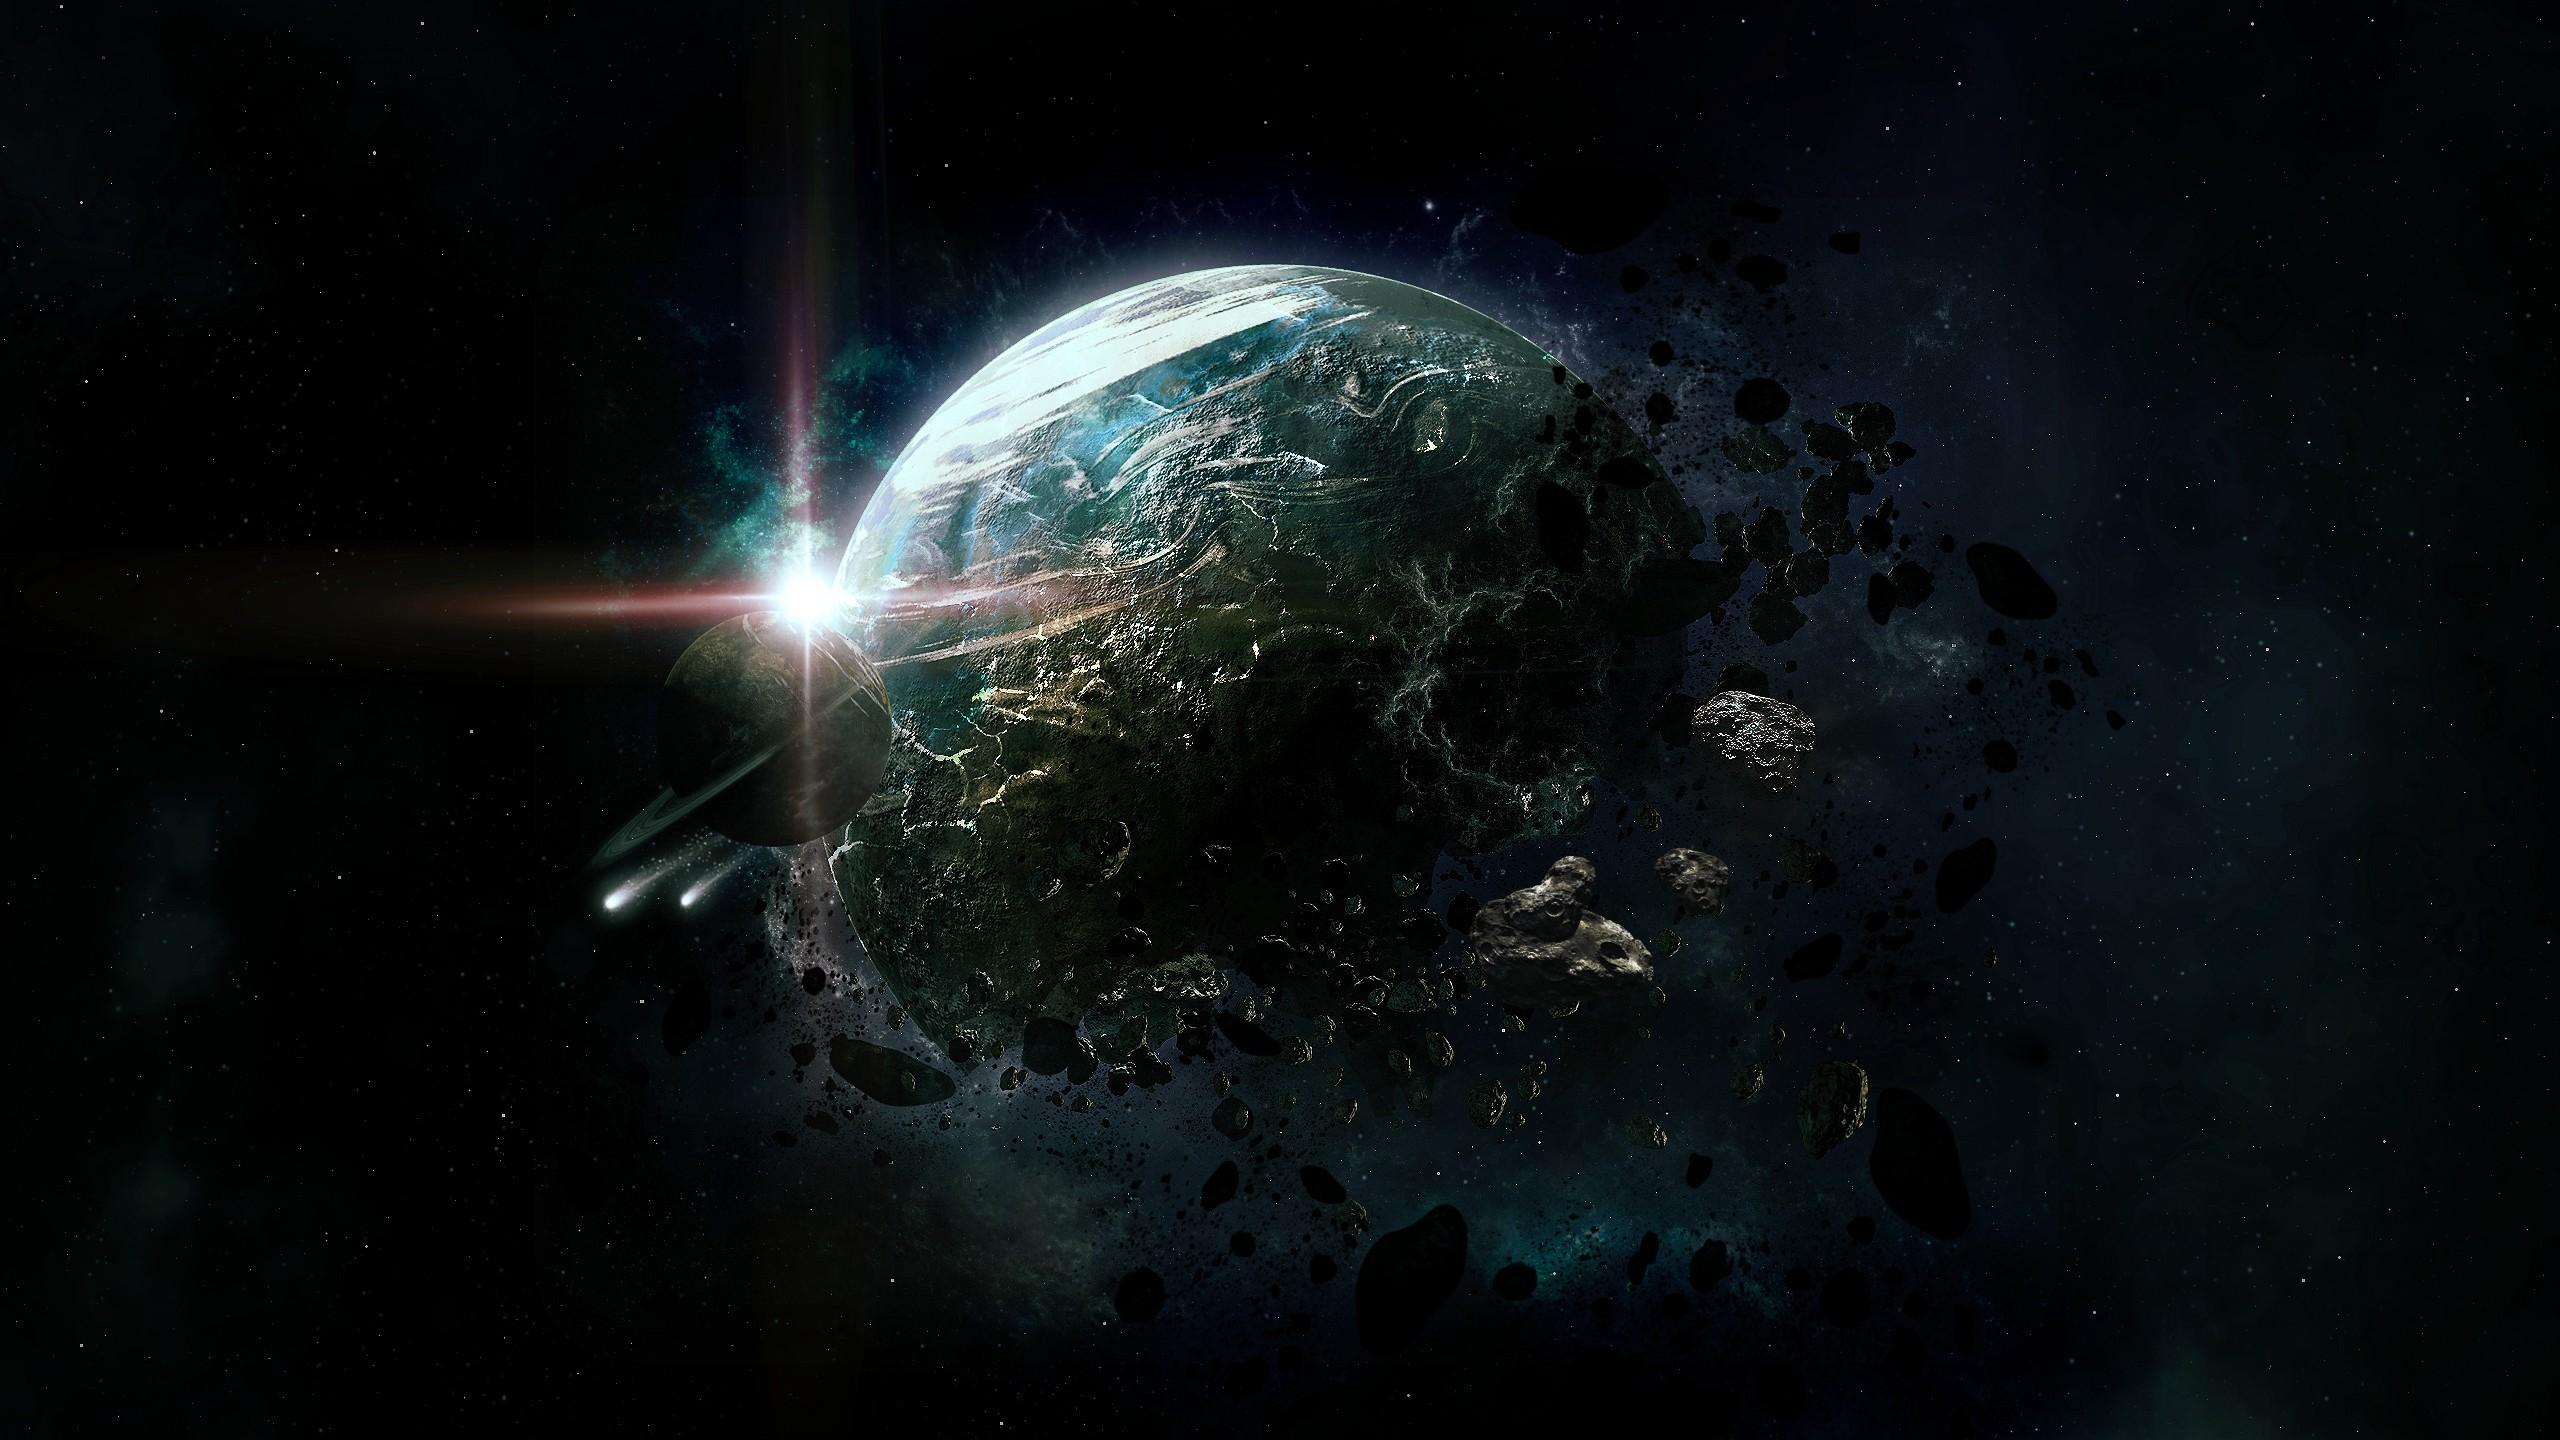 Papel De Parede Planeta Terra Nebulosa Atmosfera Universo  -> Imagens Do Universo Para Papel De Parede